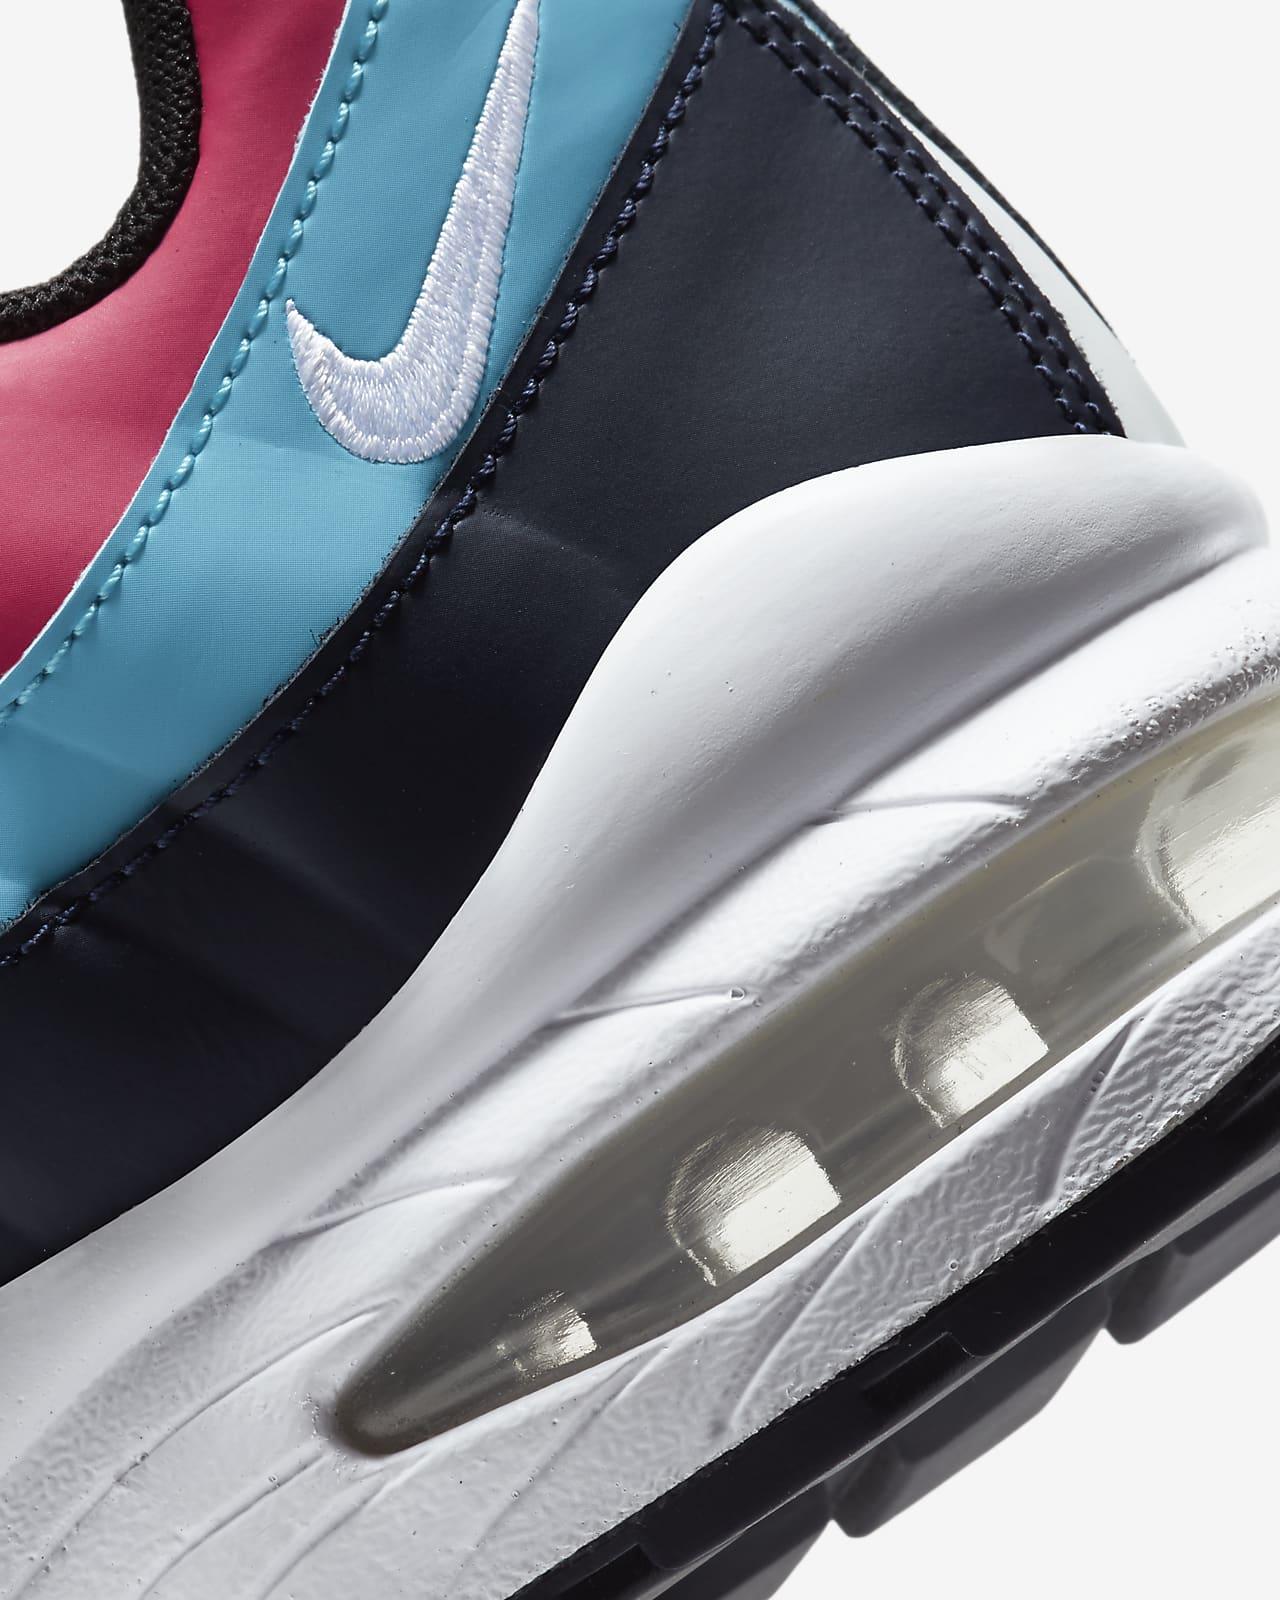 Nike Air Max 95 Now Kids Big Kids Bq7219-300 Size 10.5